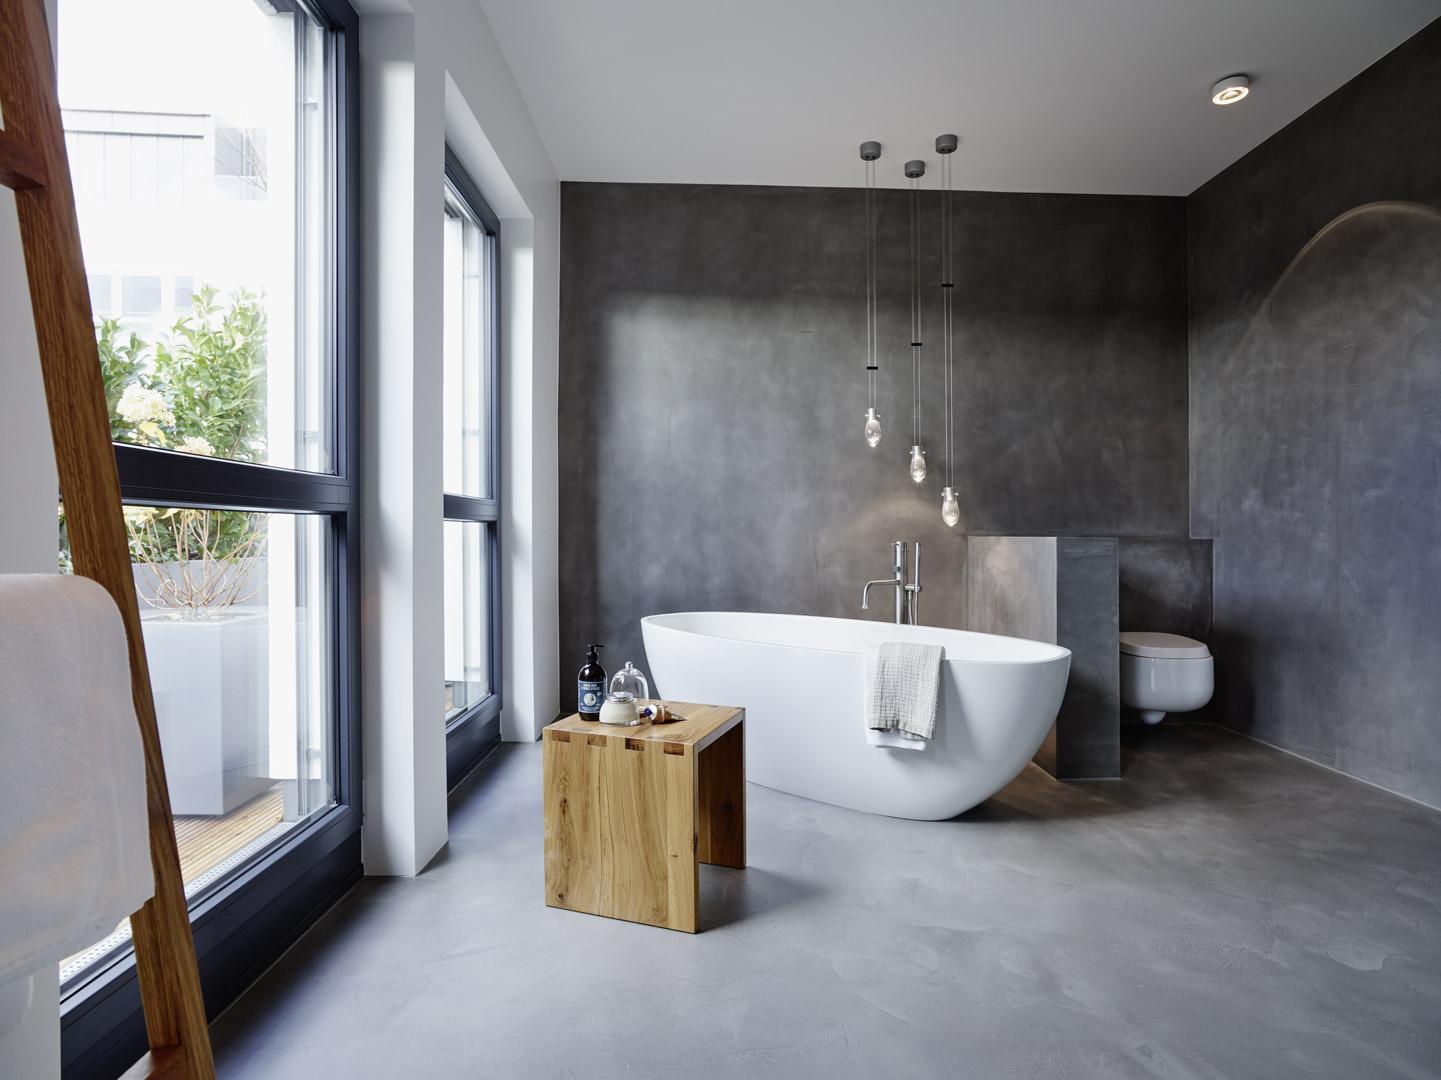 Relativ HONEYandSPICE innenarchitektur + design - Frankfurt, Wiesbaden, Mainz OD11